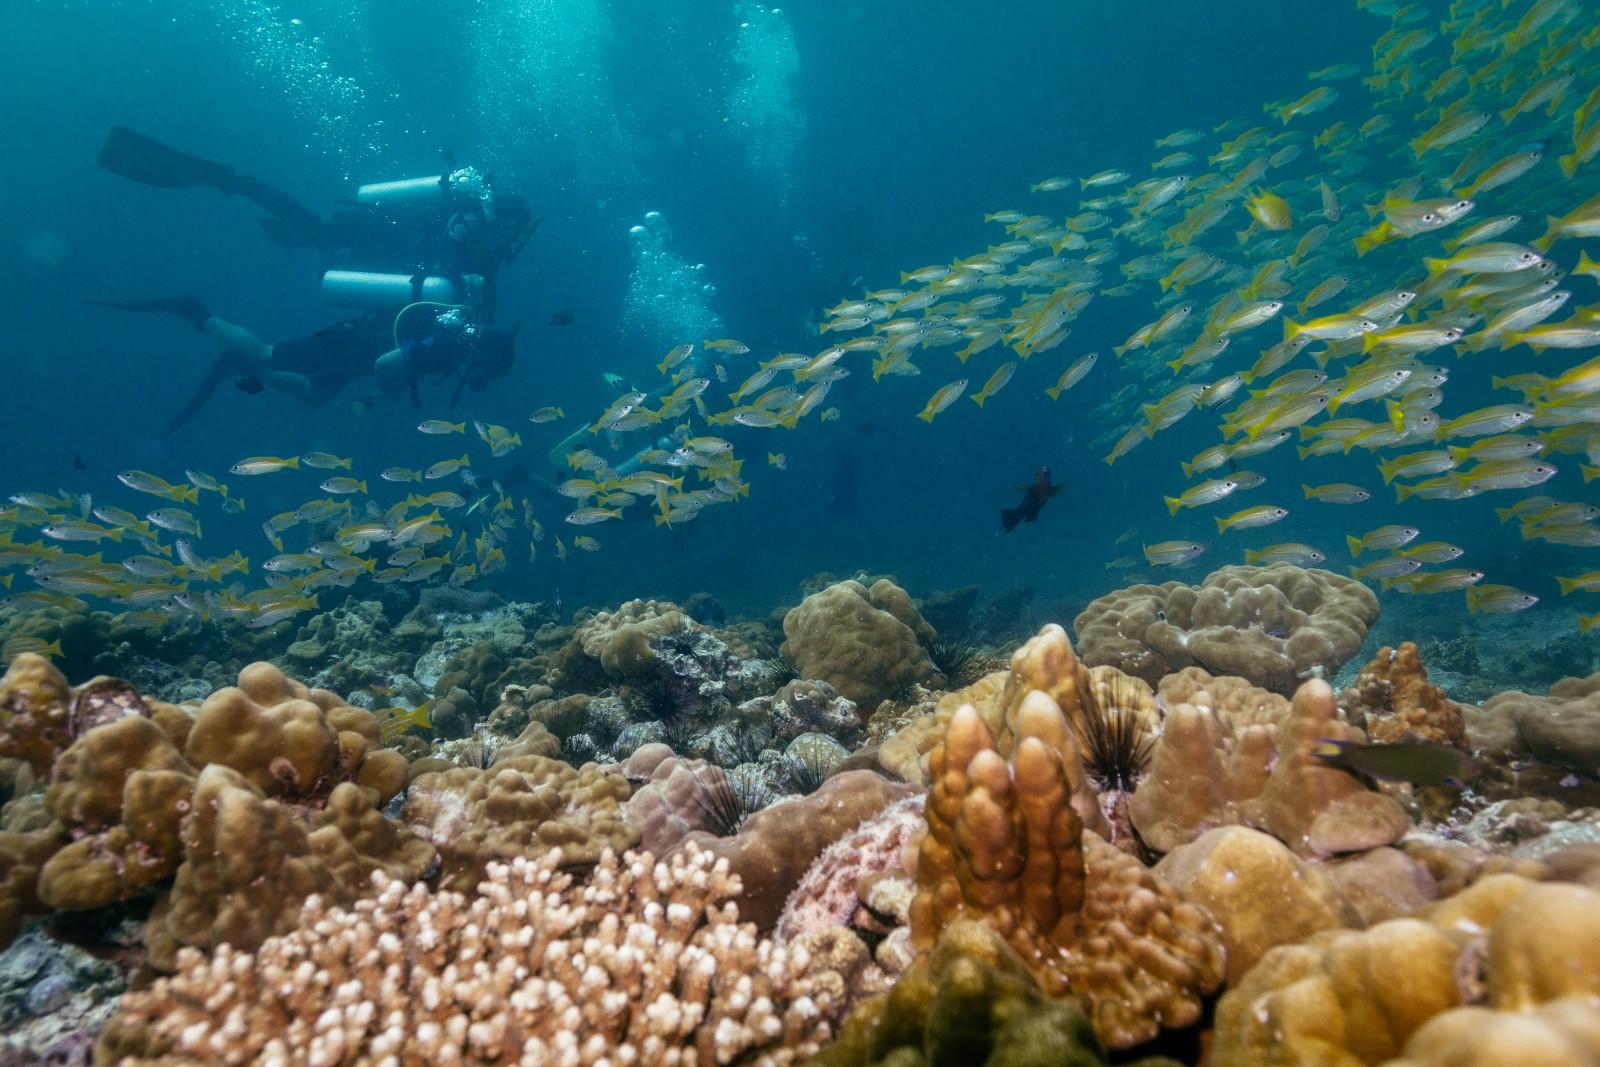 Fish, Coral Divers Taru Dive Site Koh Lipe